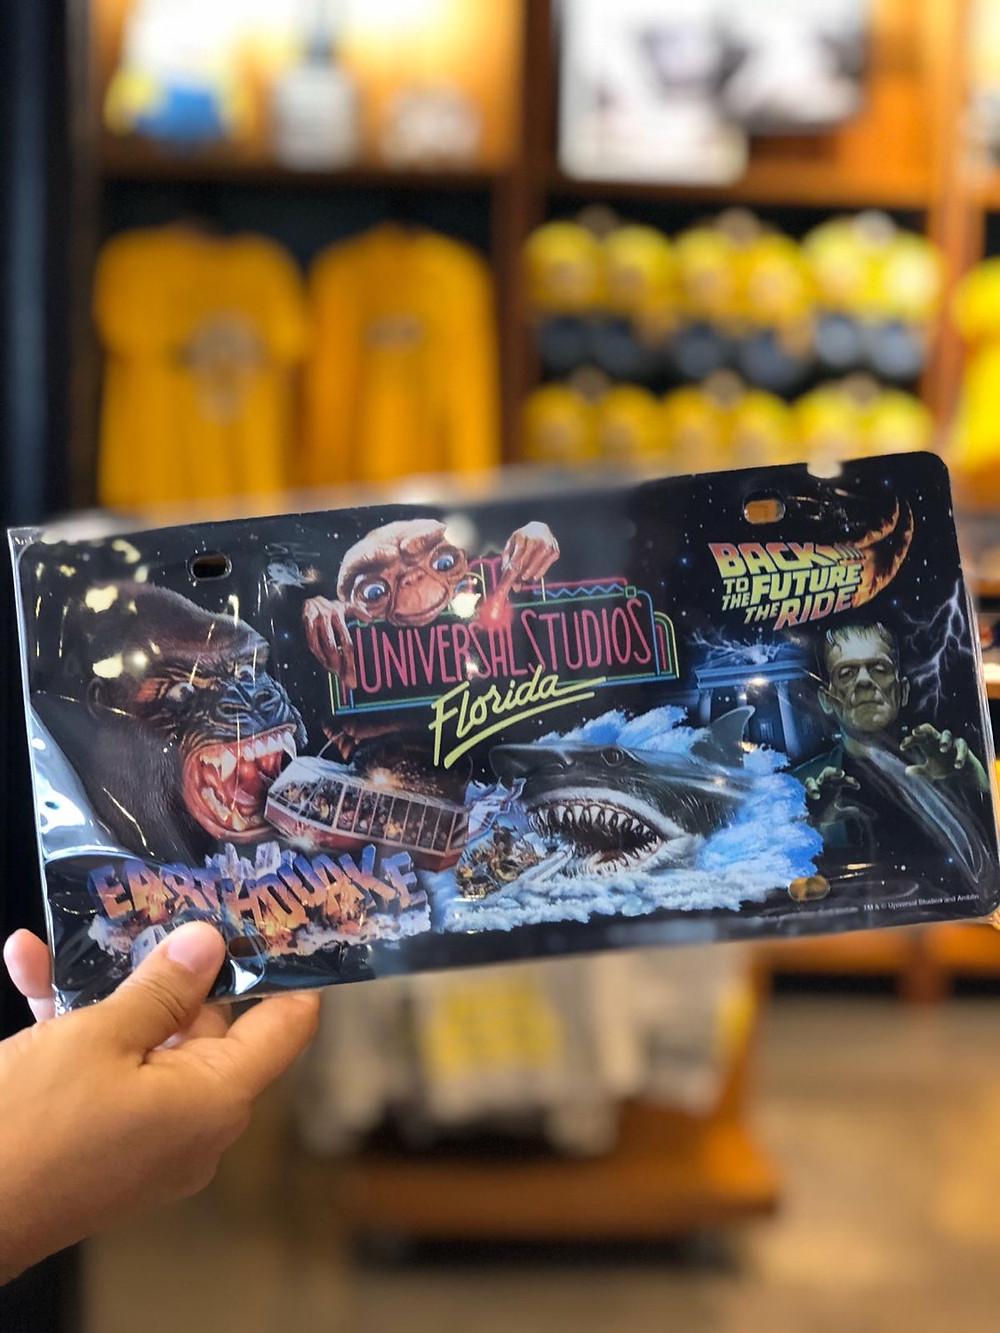 placa comemorativa 30 anos Universal Studios Florida - imagem Revista Orlando Wish